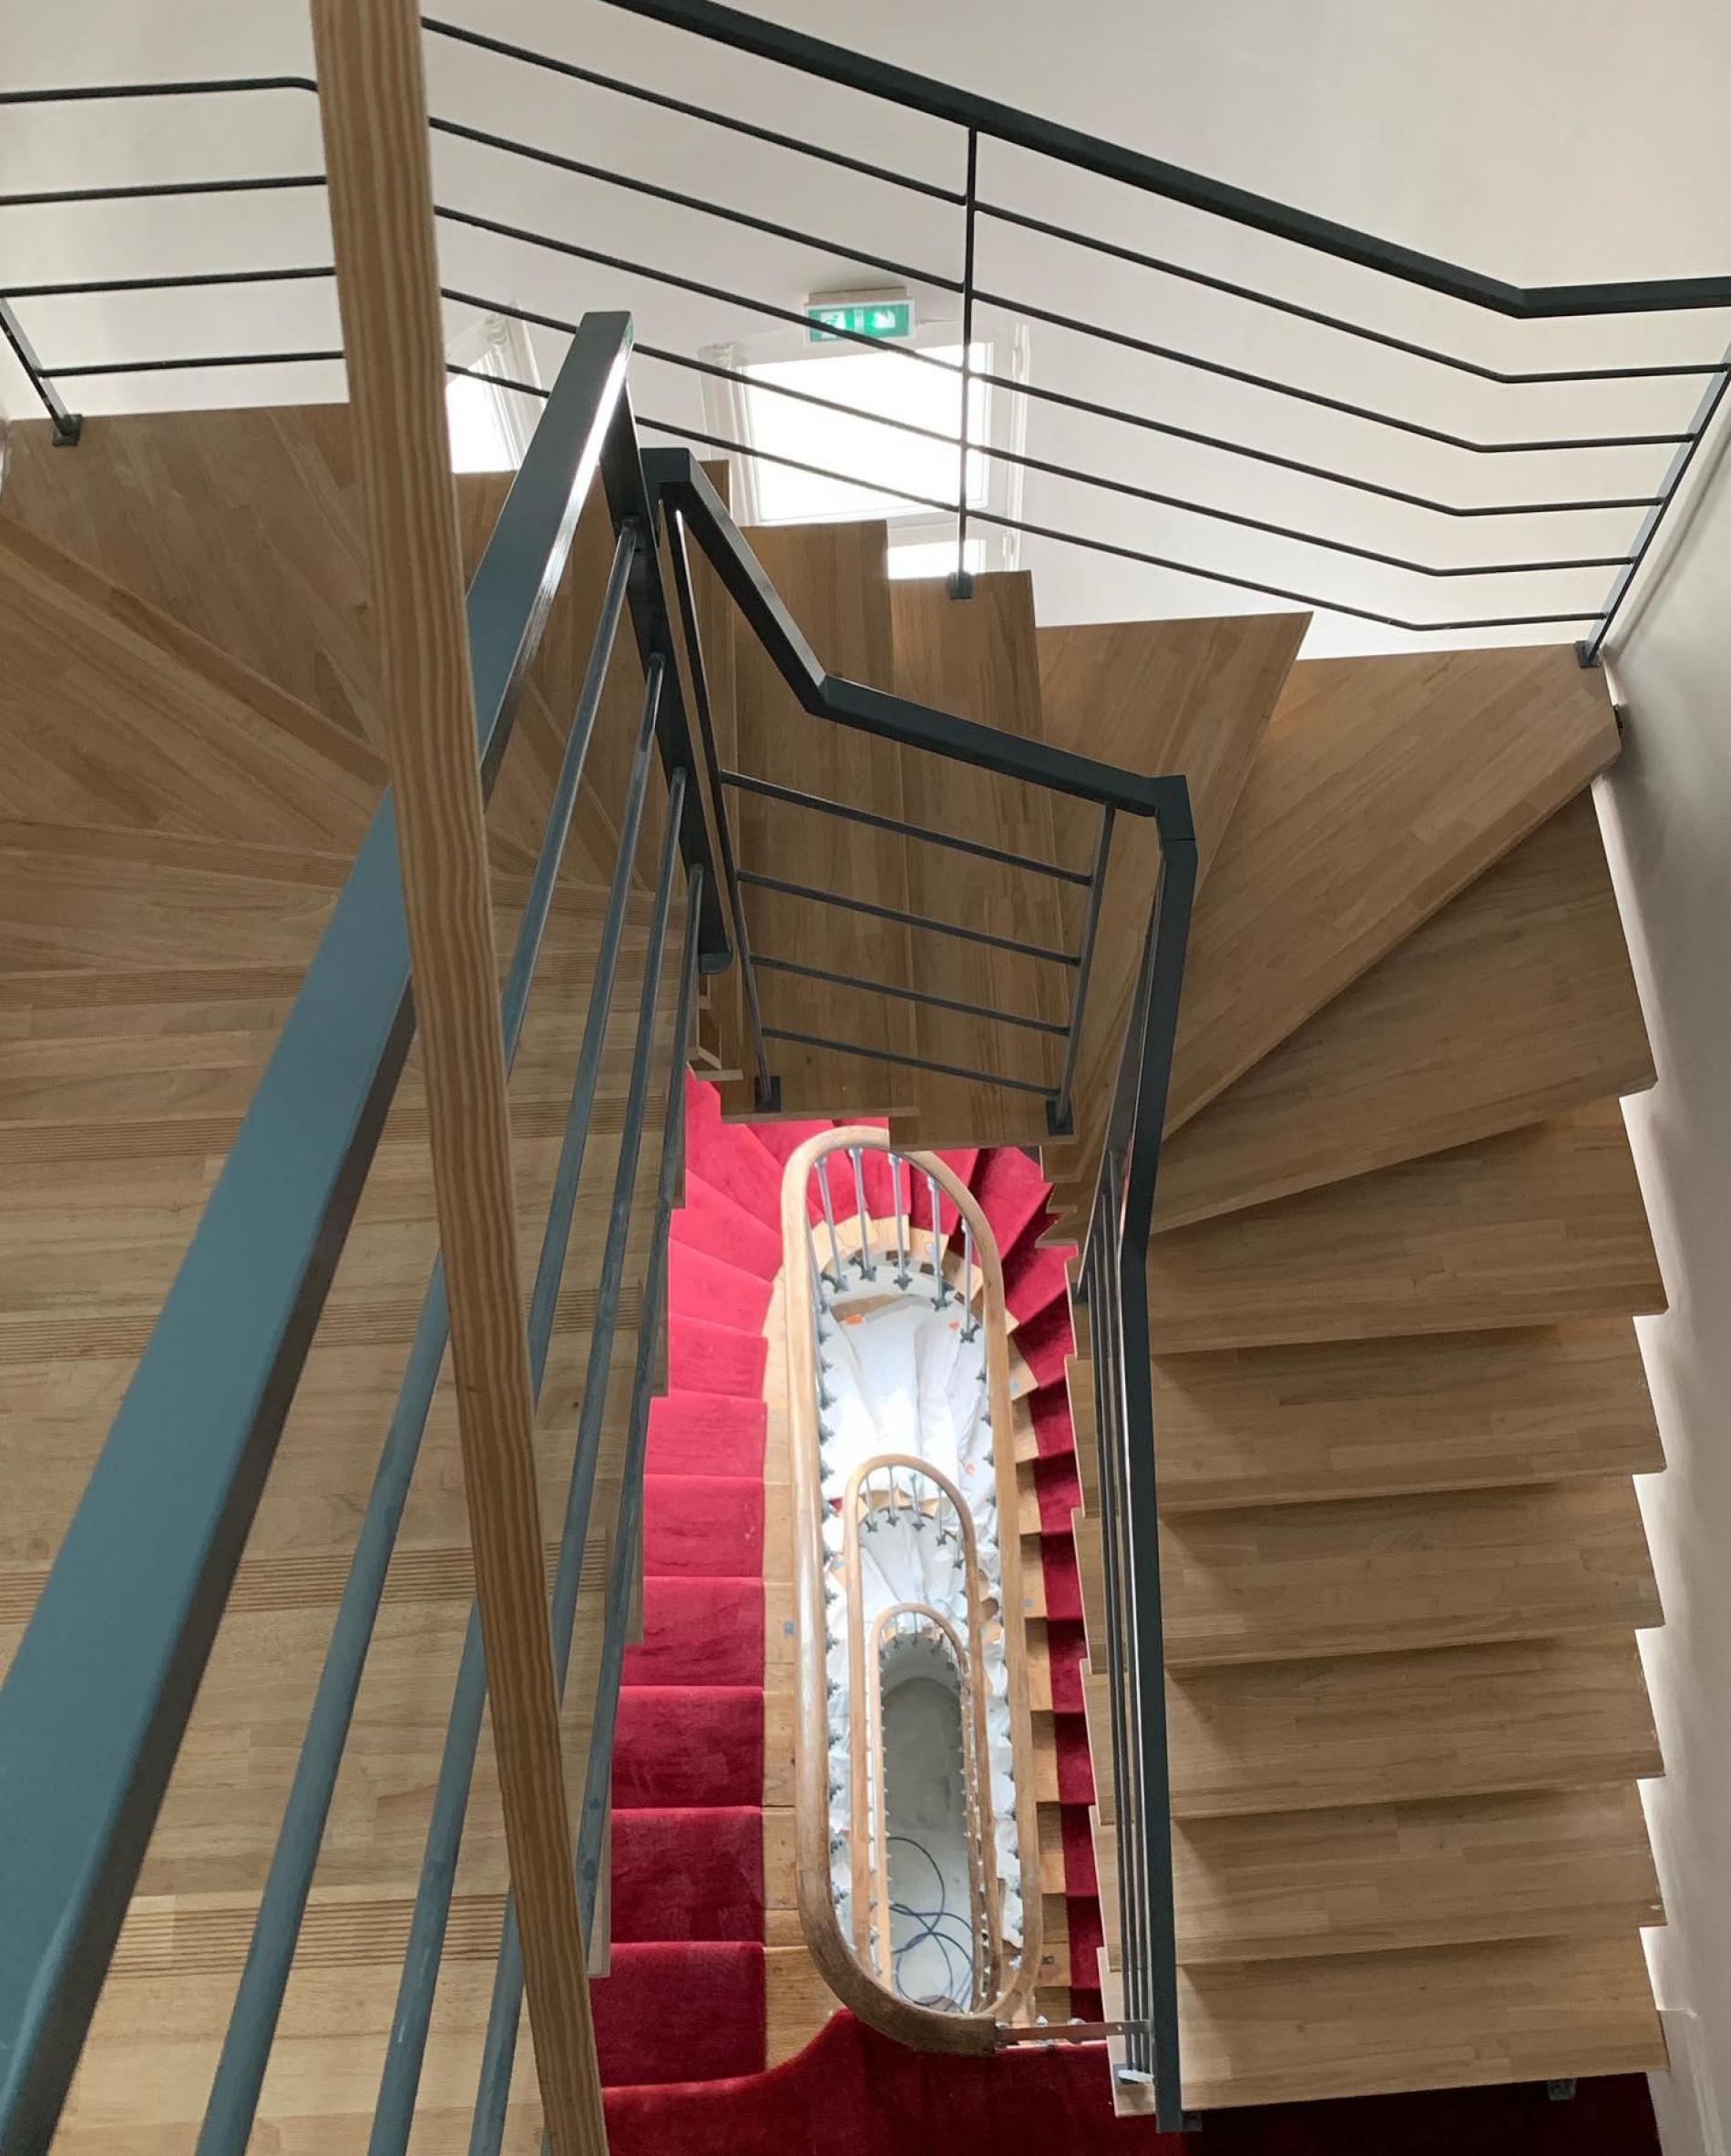 L'harmonie des escaliers entre le 19ème siècle et le contemporain